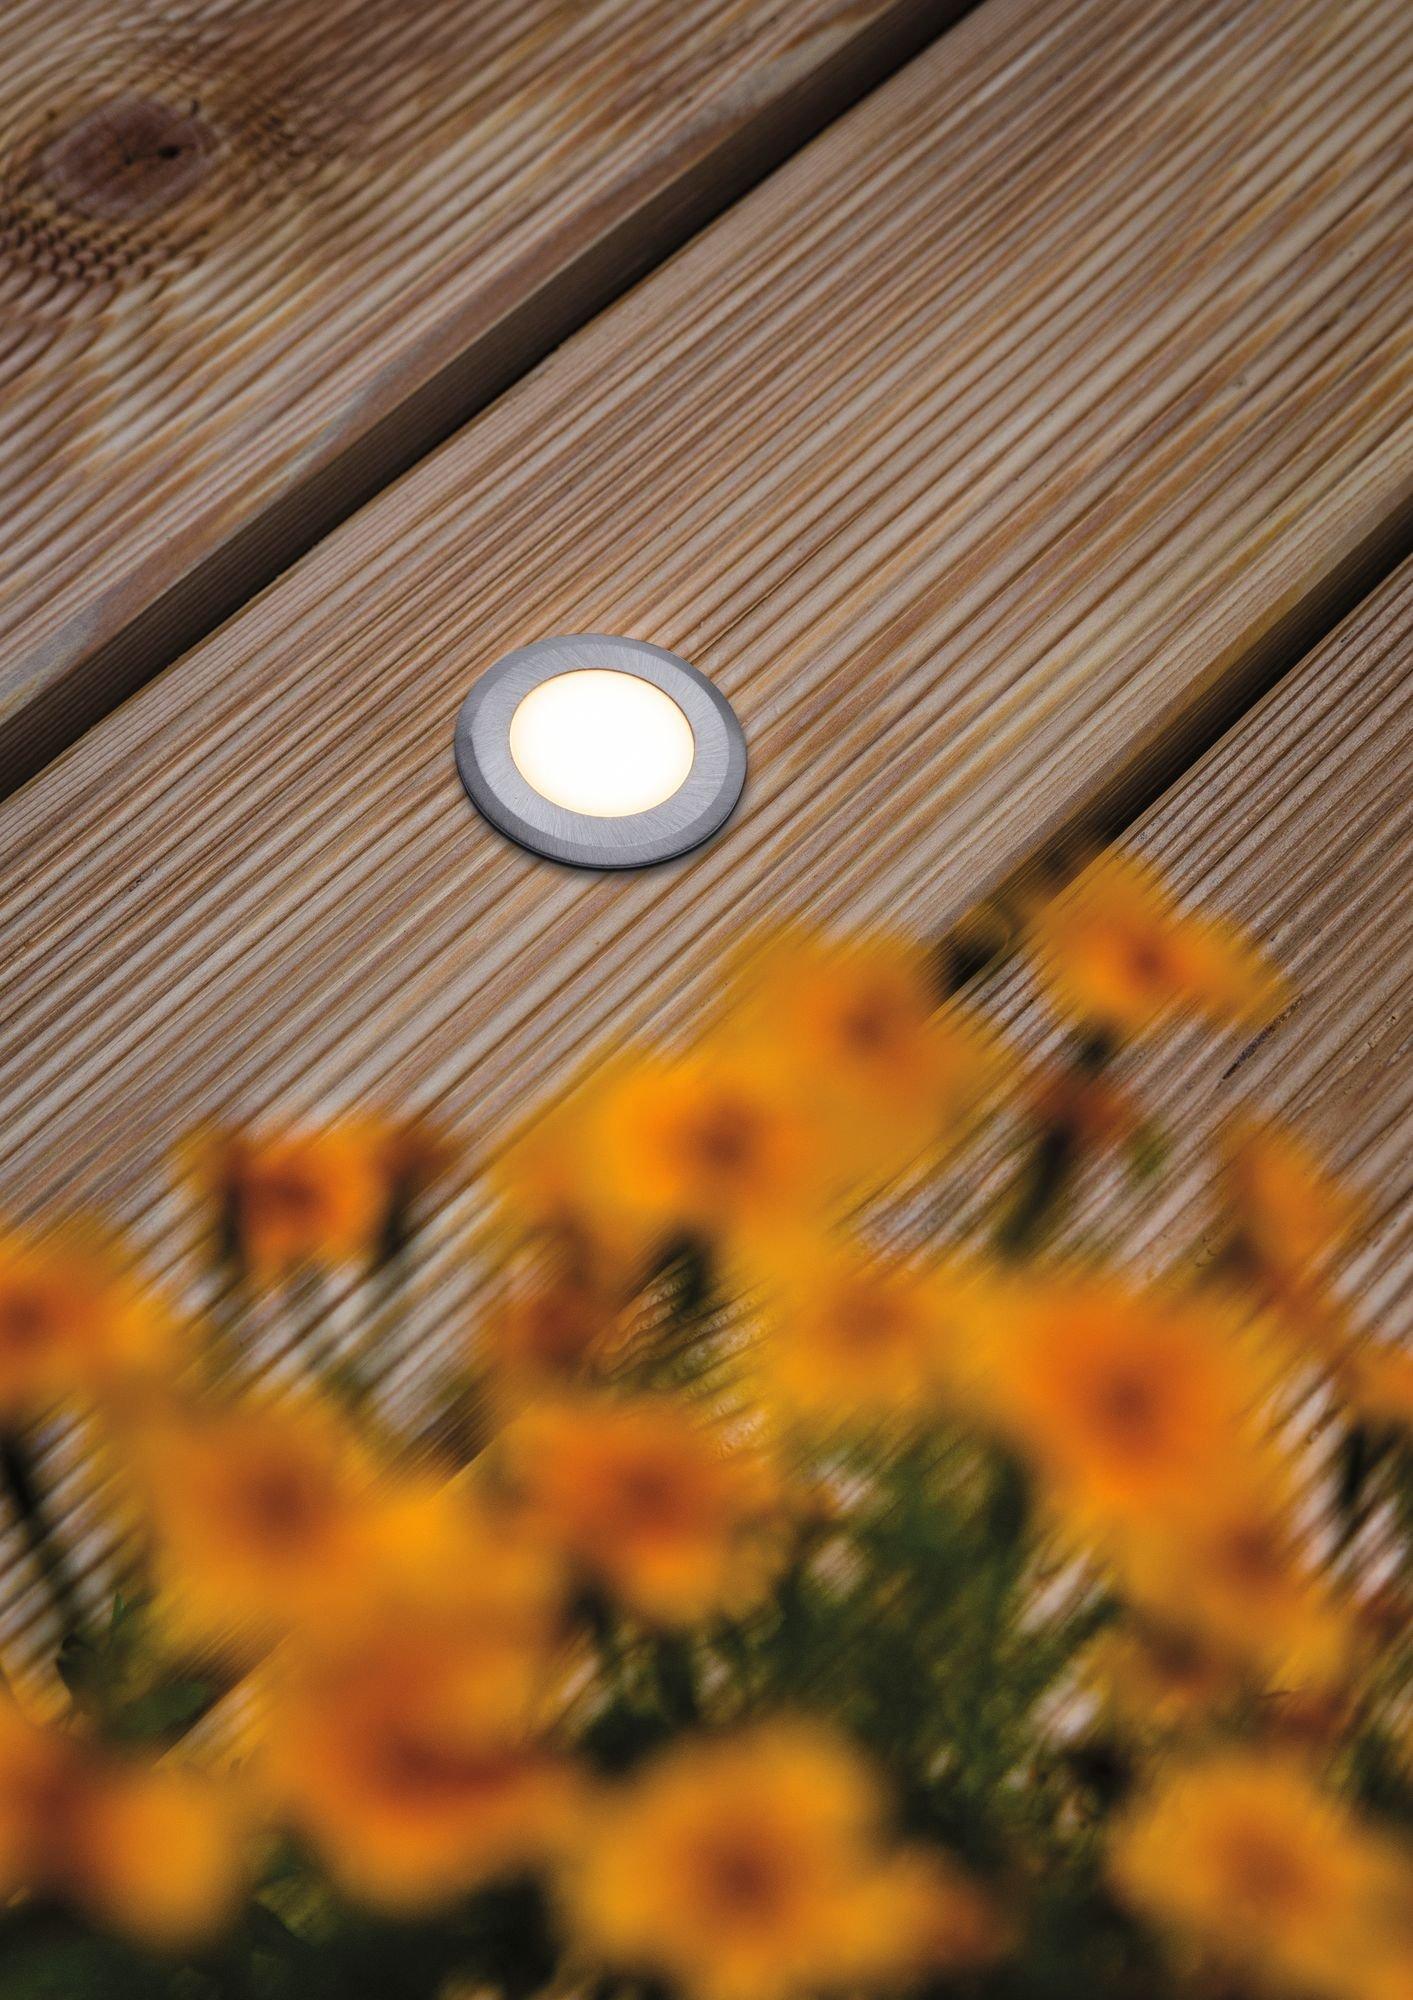 House Encastré de sol LED IP65 rond 50mm 3000K 2W 210lm 230V Acier inoxydable brossé Acier inoxydable/Matière plastique